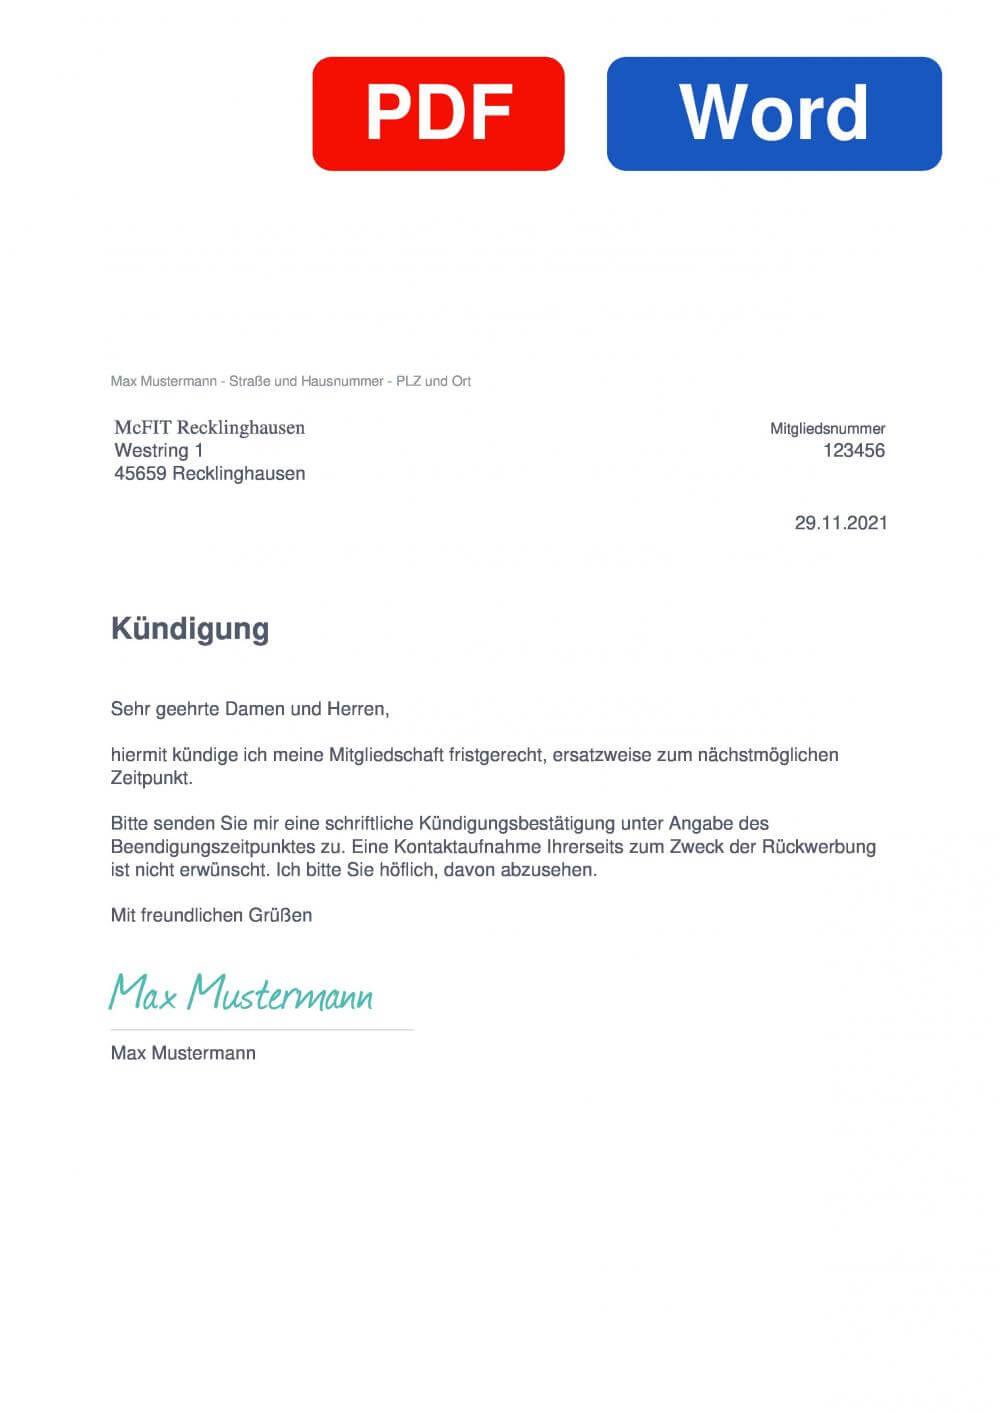 McFIT Recklinghausen Muster Vorlage für Kündigungsschreiben